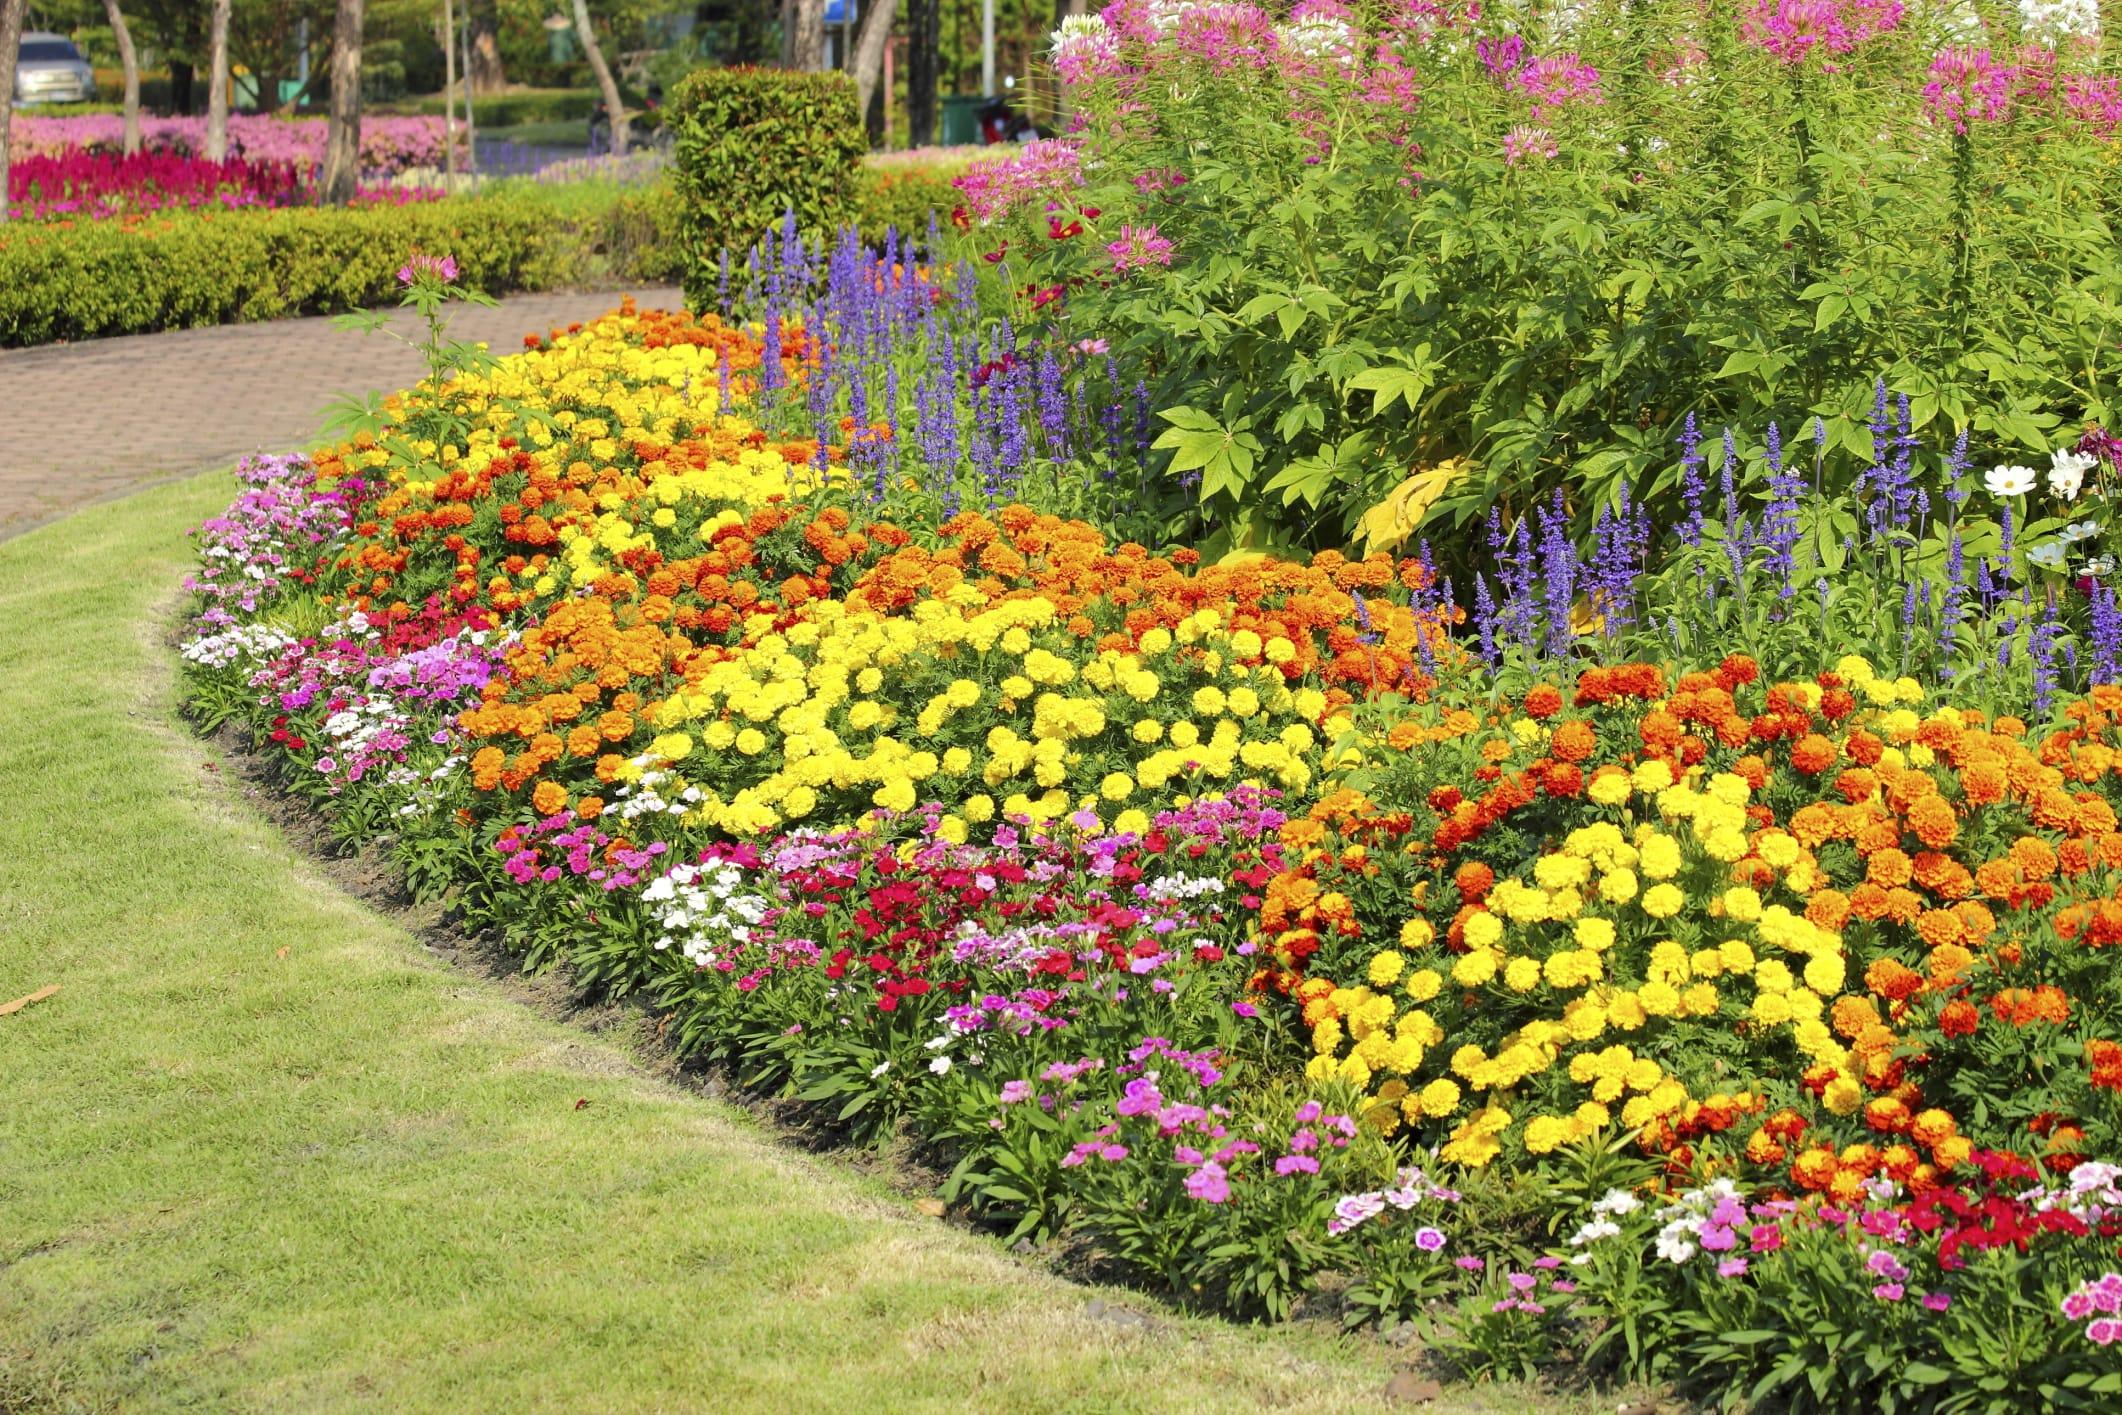 Giardino ecosostenibile e contro gli sprechi 5 consigli for Esempi giardino